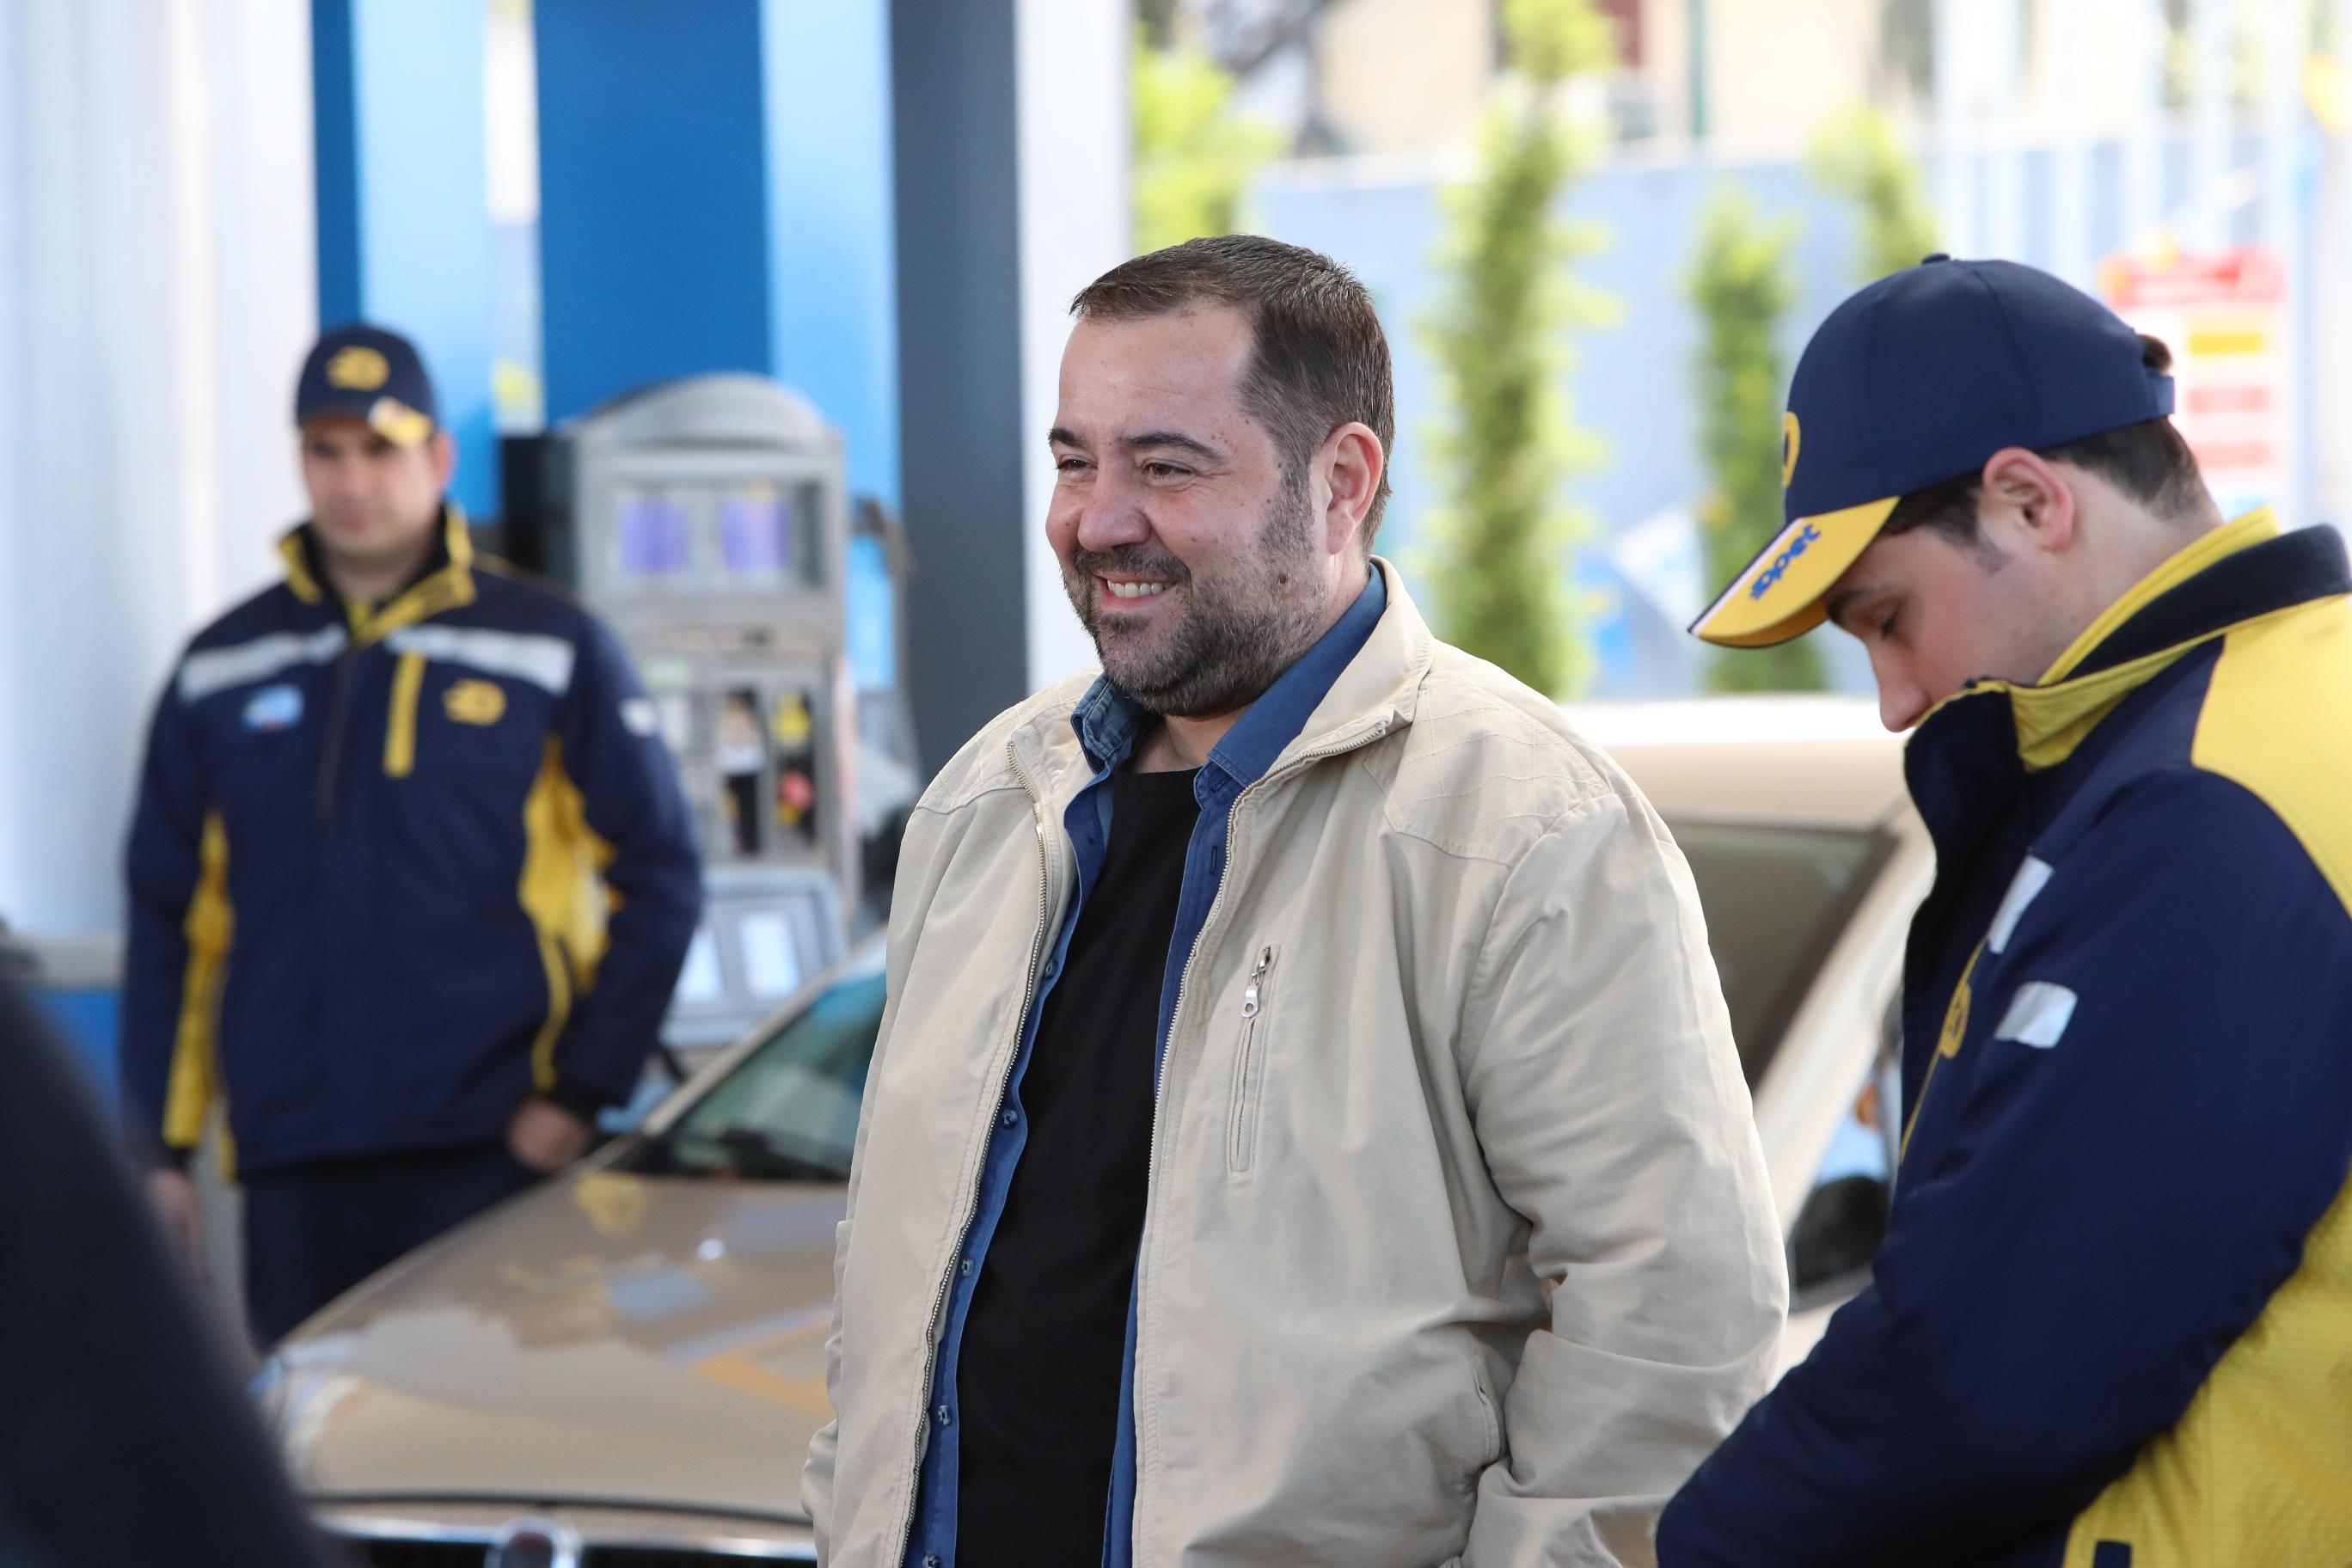 OPET reklam filmleri için üçüncü kez bir araya gelen Türkiye'nin iki dev oyuncusu Metin Akpınar ile Ata Demirer, bu kez duygusal bir filmle seyirci karşısına çıkıyor.